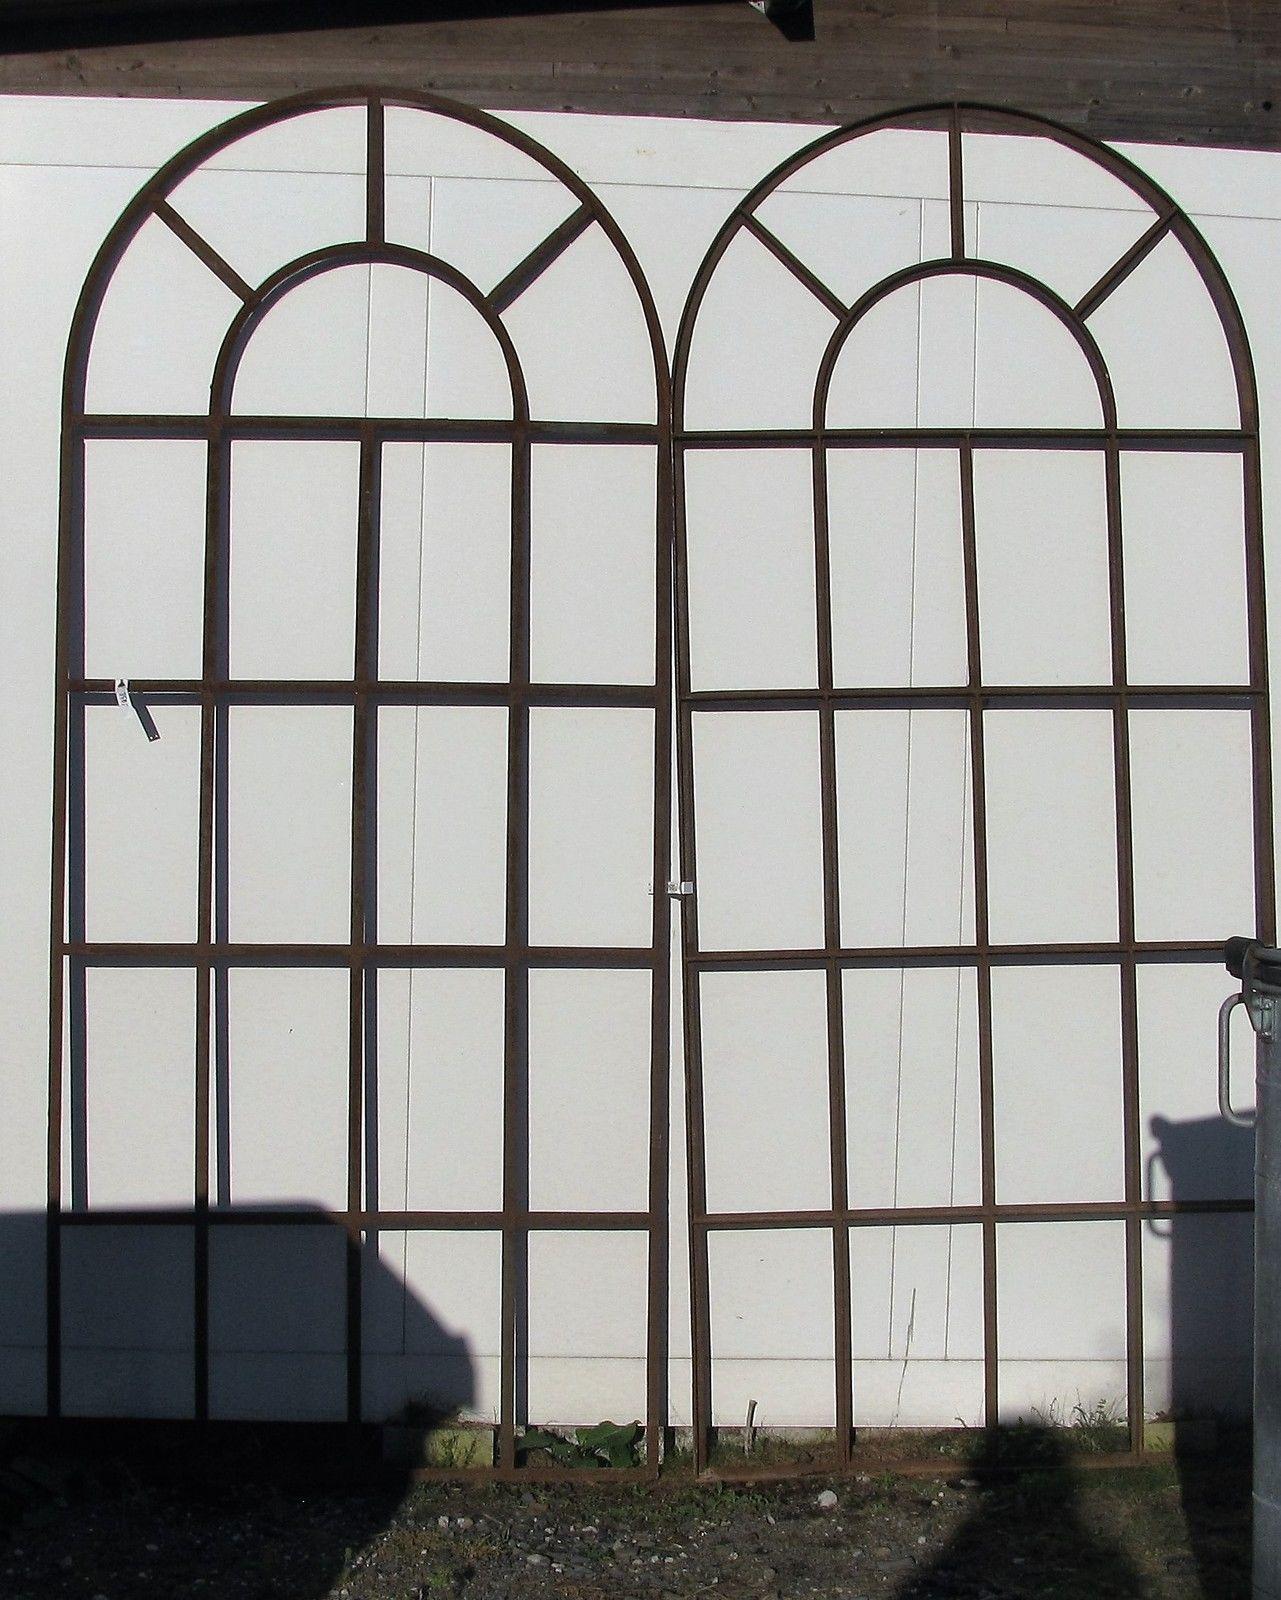 neu xxl eisenfenster industriefenster stallfenster fenster bogen 417